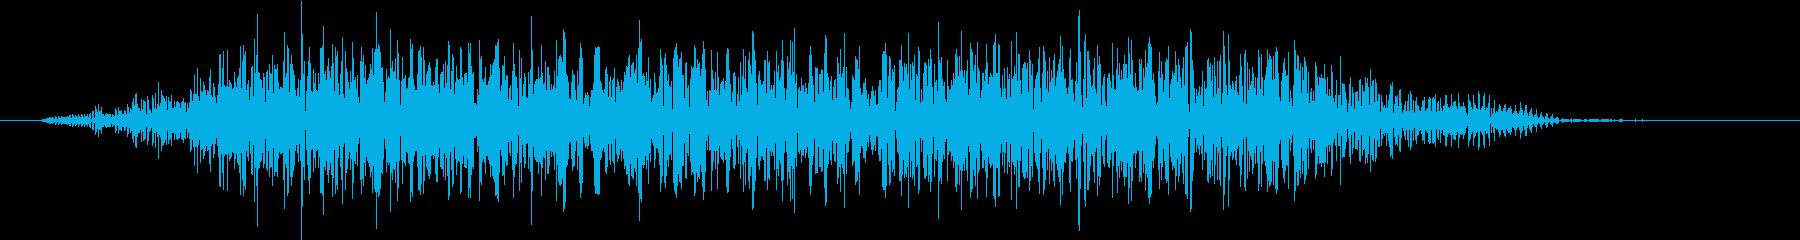 モンスター 悲鳴 46の再生済みの波形